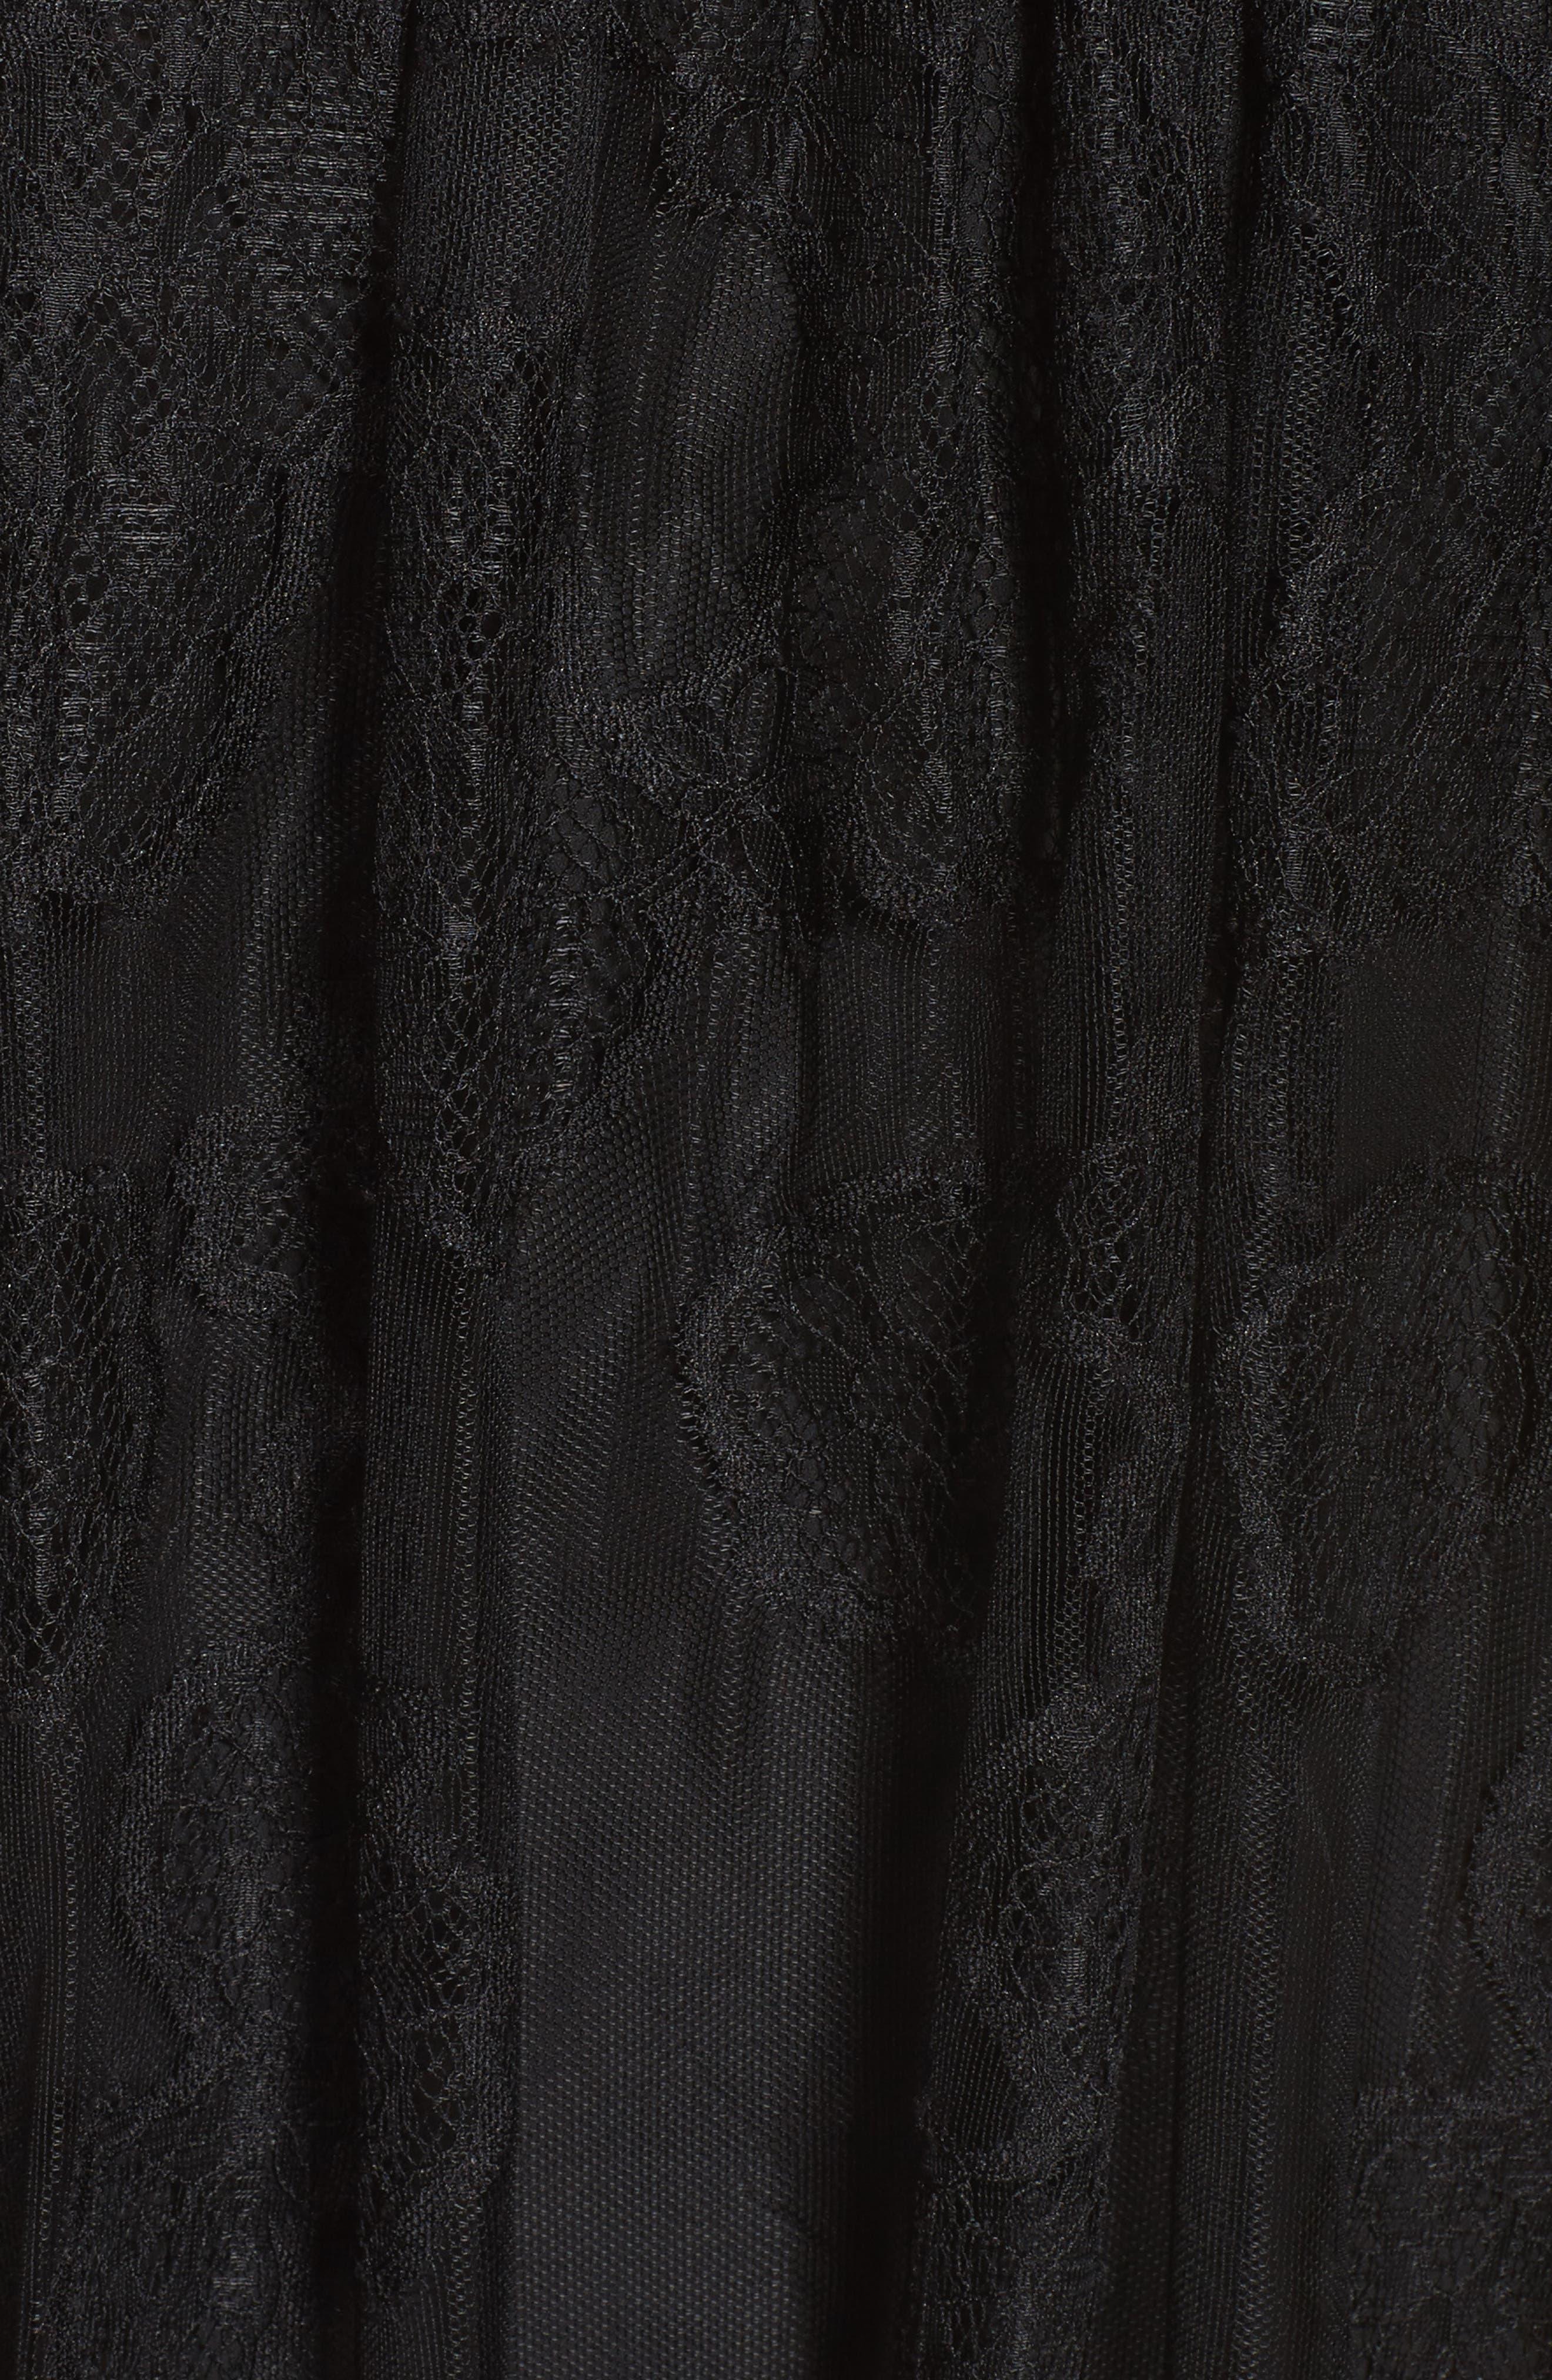 Babette Cold Shoulder Trapeze Dress,                             Alternate thumbnail 5, color,                             Black